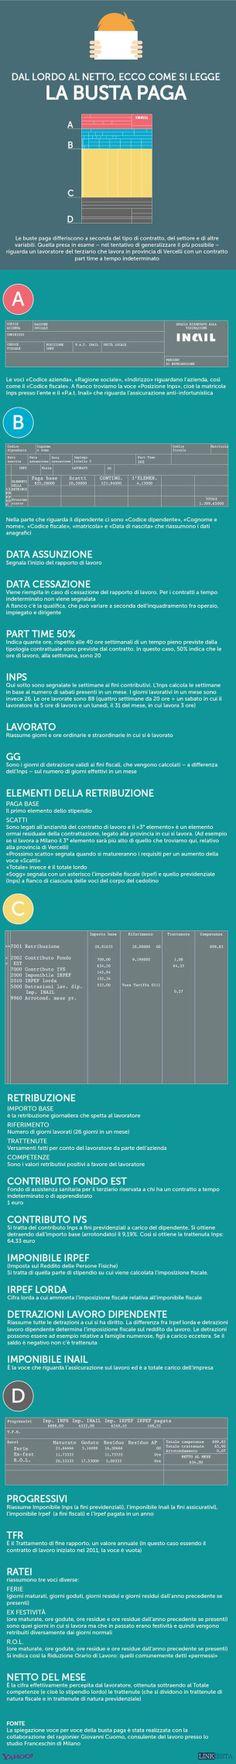 Come leggere la busta paga [Infografica] | Linkiesta - Yahoo! Finanza Italia